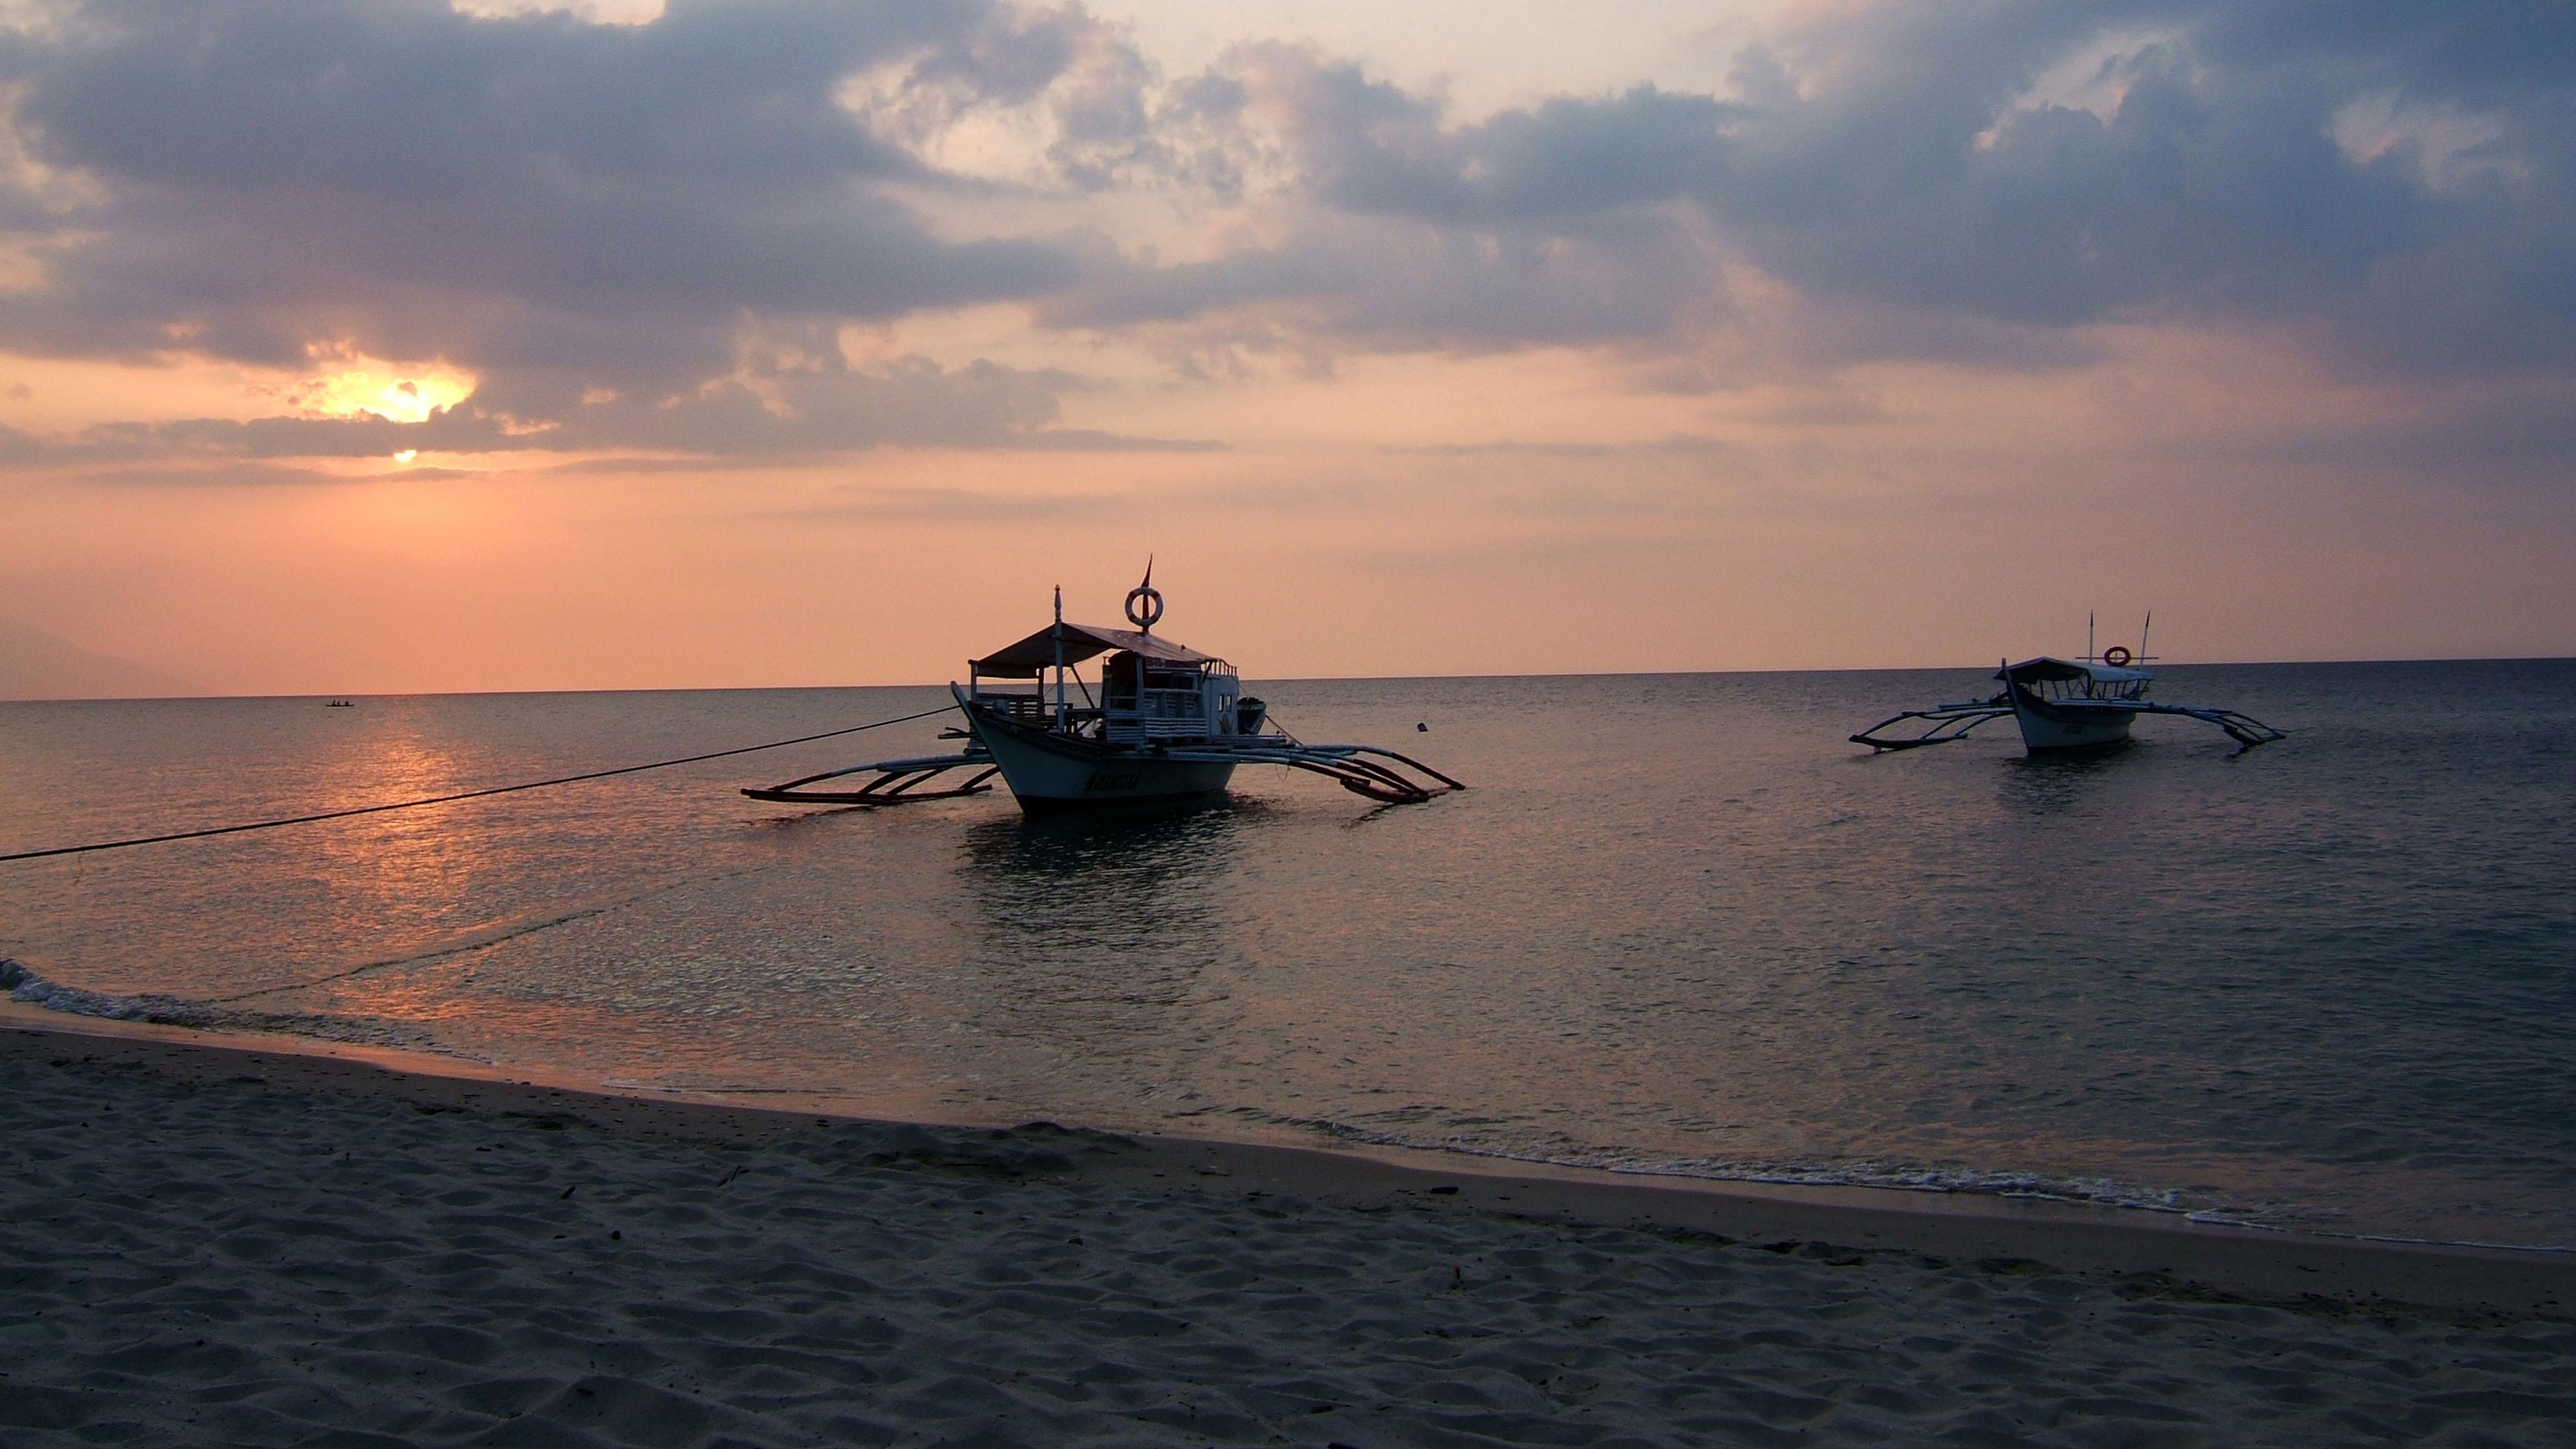 Sunset Philippines Mindoro White Beach 02